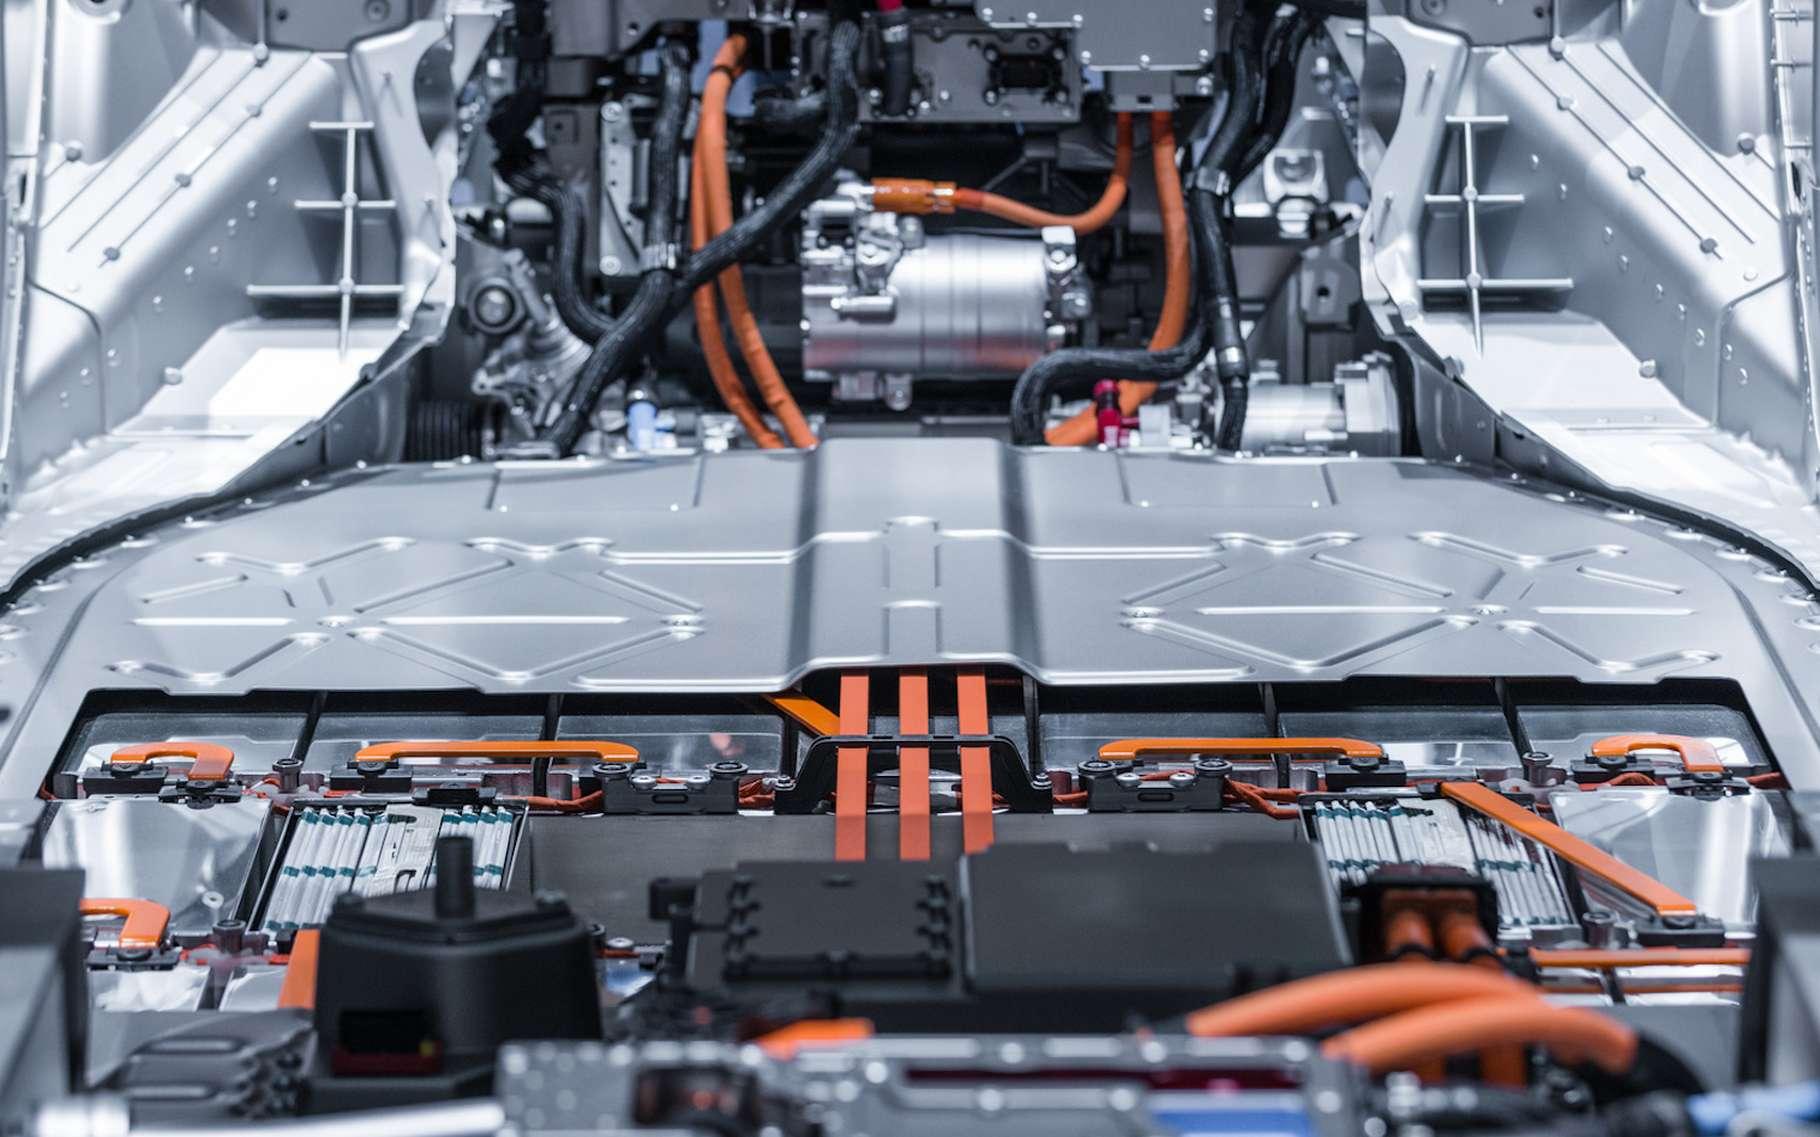 Les nouvelles batteries décrites par des chercheurs de l'université Dalhousie (Canada) présentent une durée de vie deux fois plus importante que les classiques batteries lithium-ion. © Sergii Chernov, Fotolia